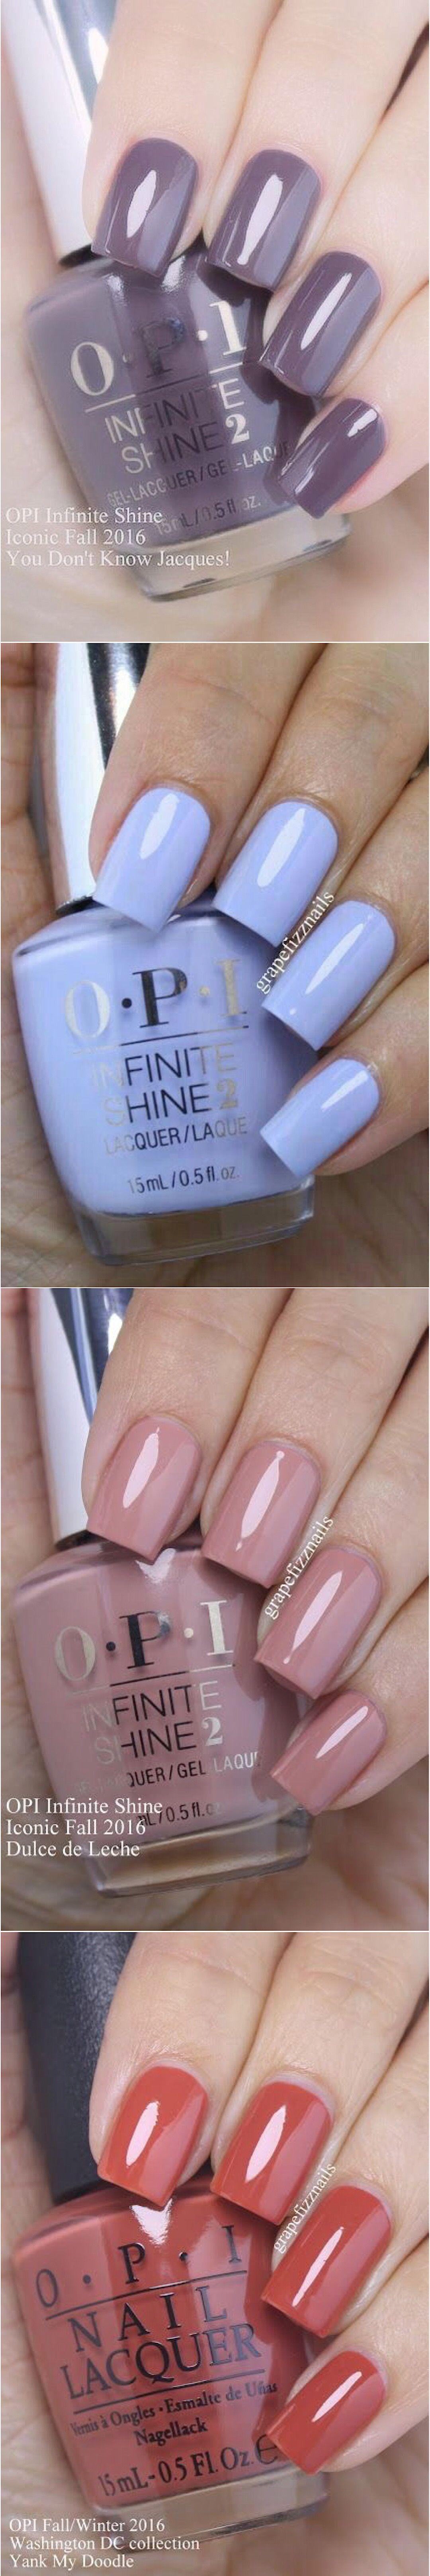 Opi nail polish color swatches grapefizznails nailshapes dinaus